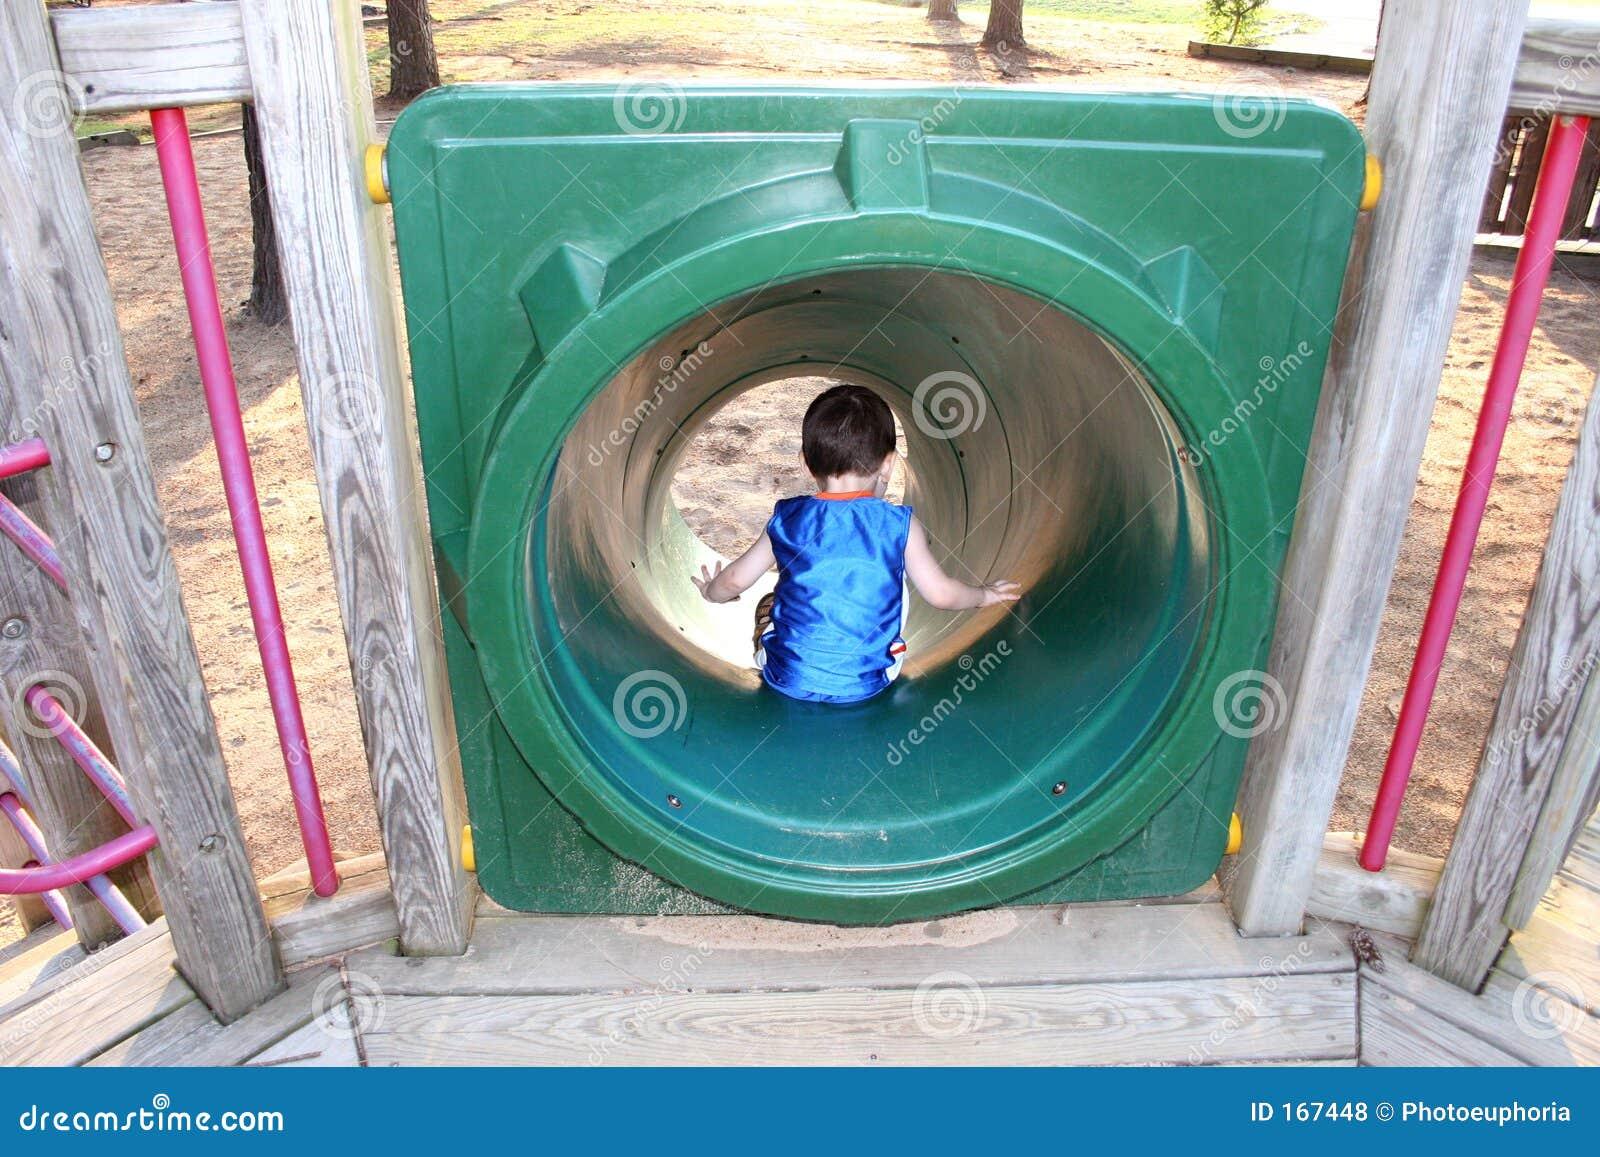 Back Side of Boy Going Down Park Slide